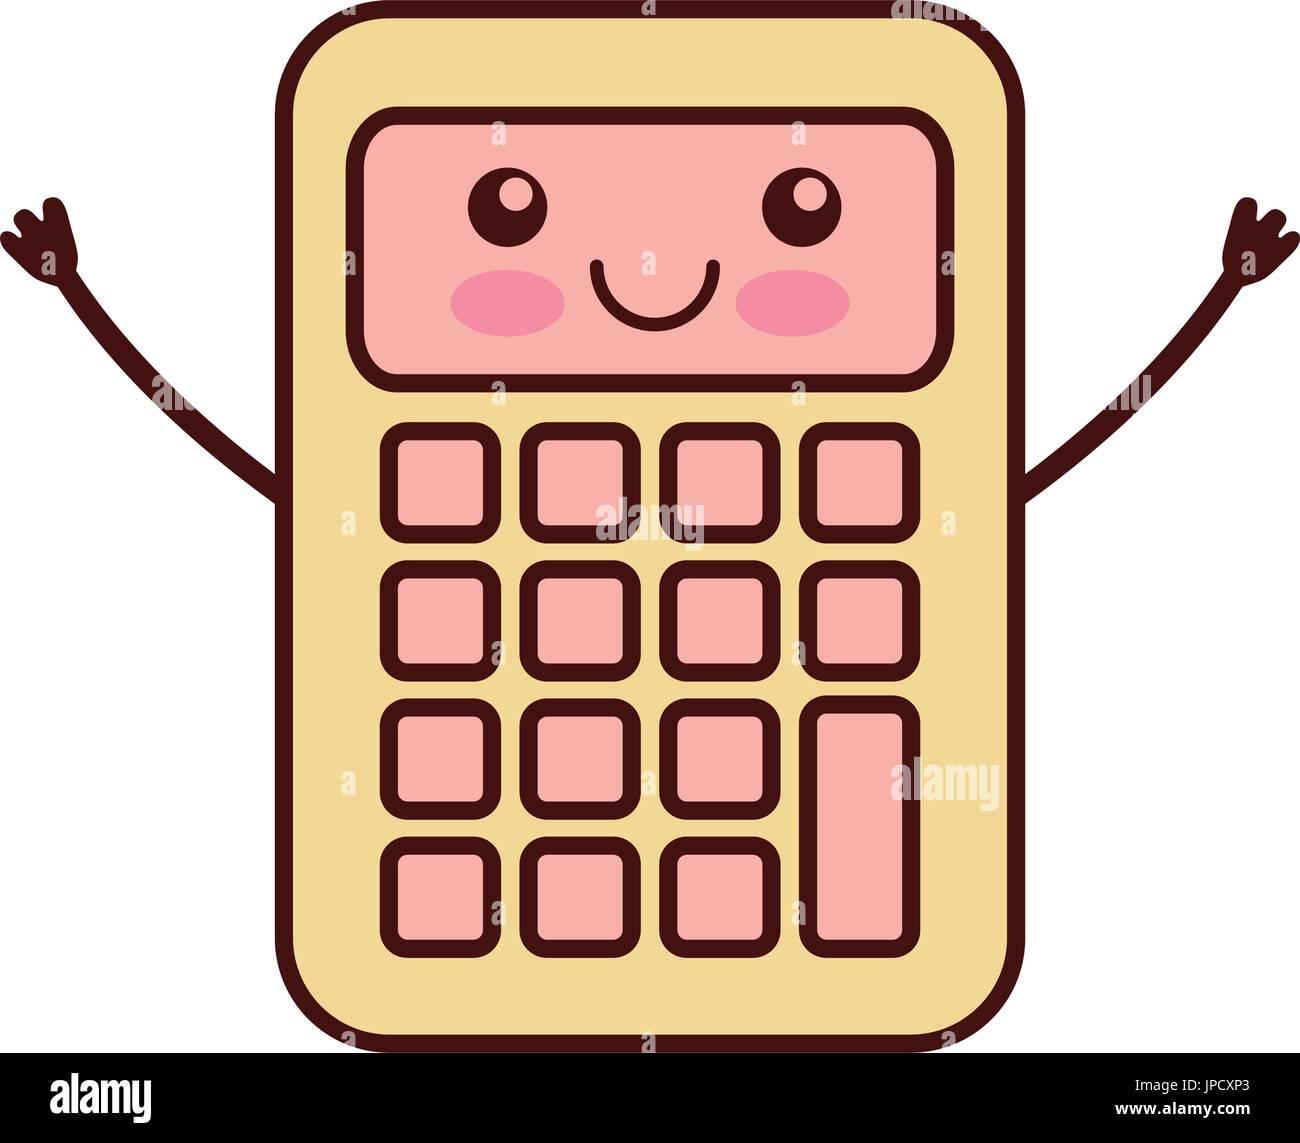 Calculadora Matemática Personaje Kawaii Ilustración Del Vector